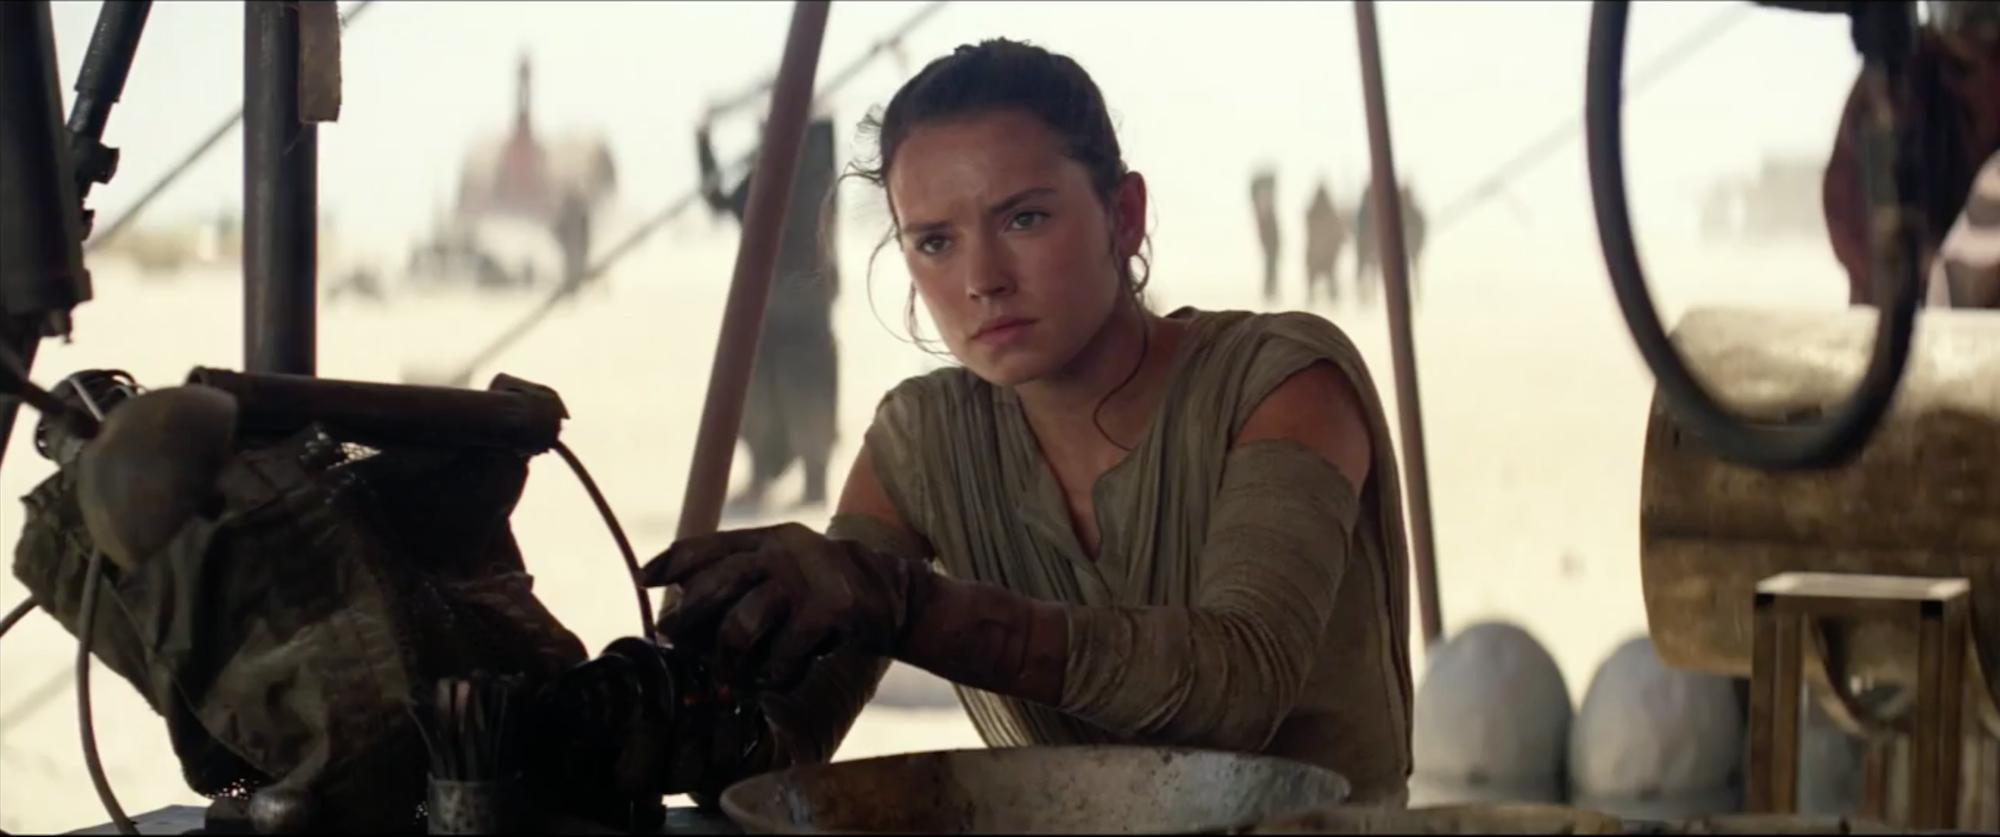 Star Wars: Episodio VII - Il risveglio della Forza: Daisy Ridley nel trailer finale del film